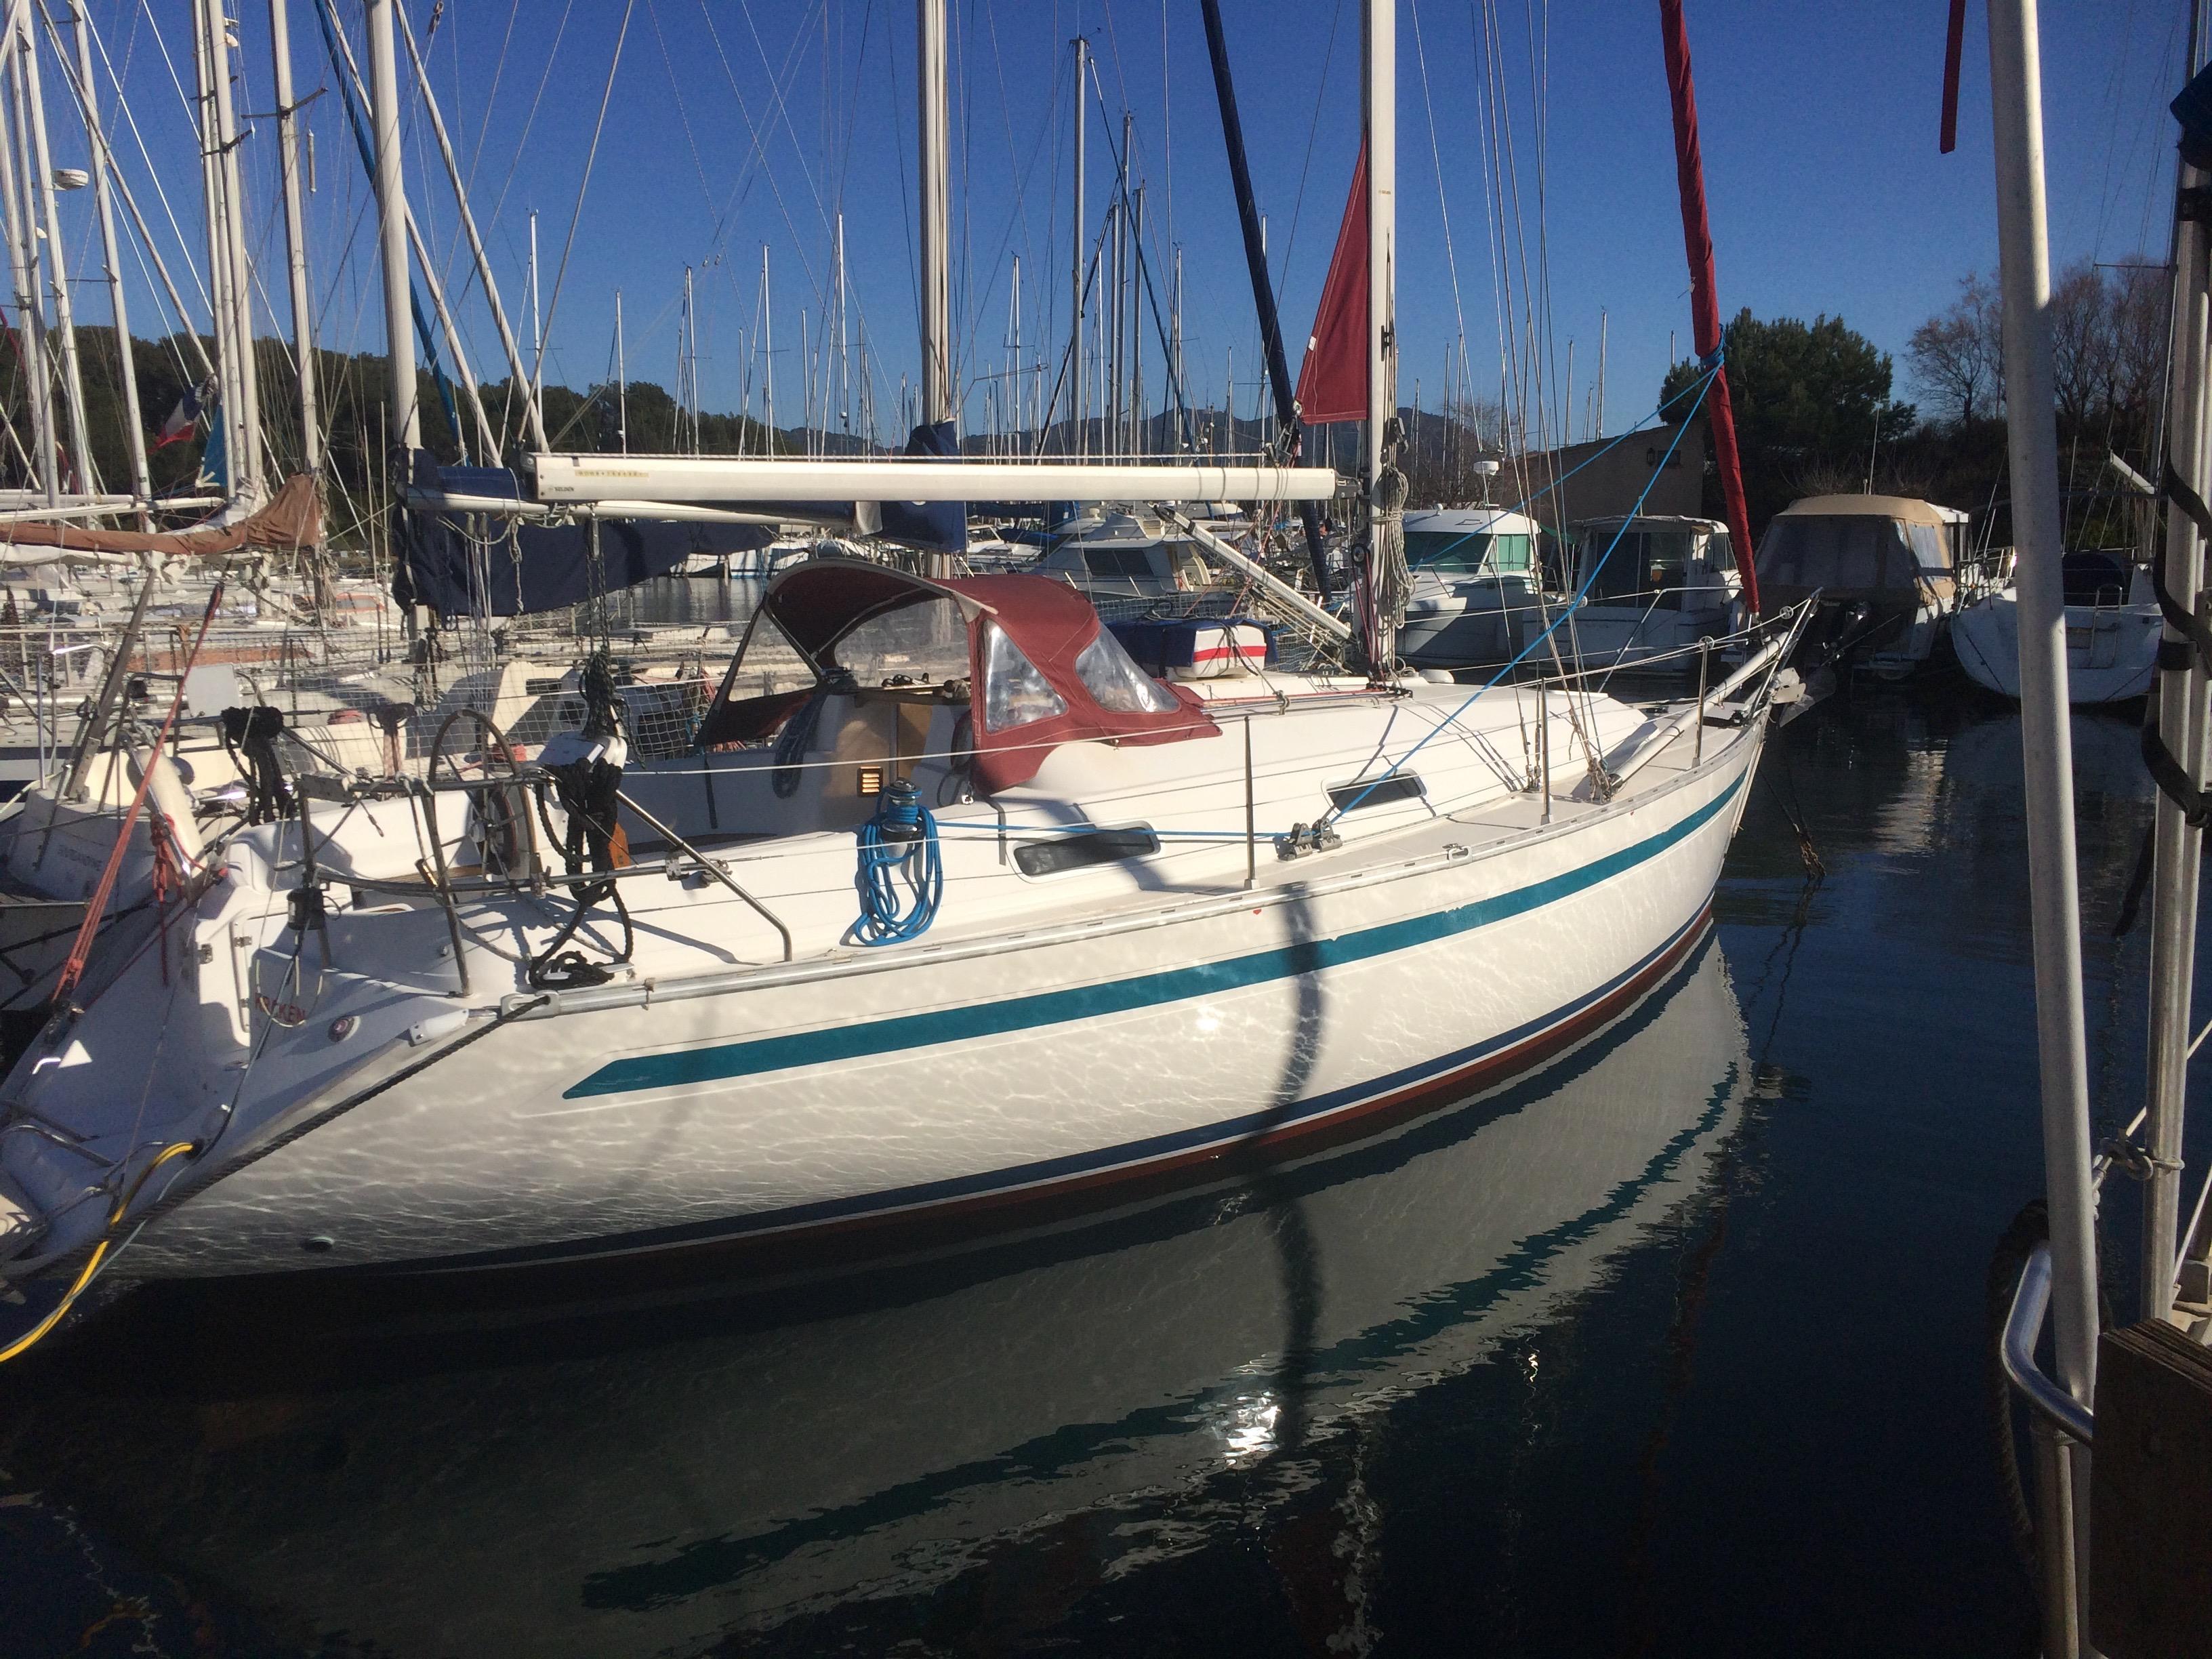 location-voilier-Bavaria-skipper-croisiere-balade-en-mer-bateau